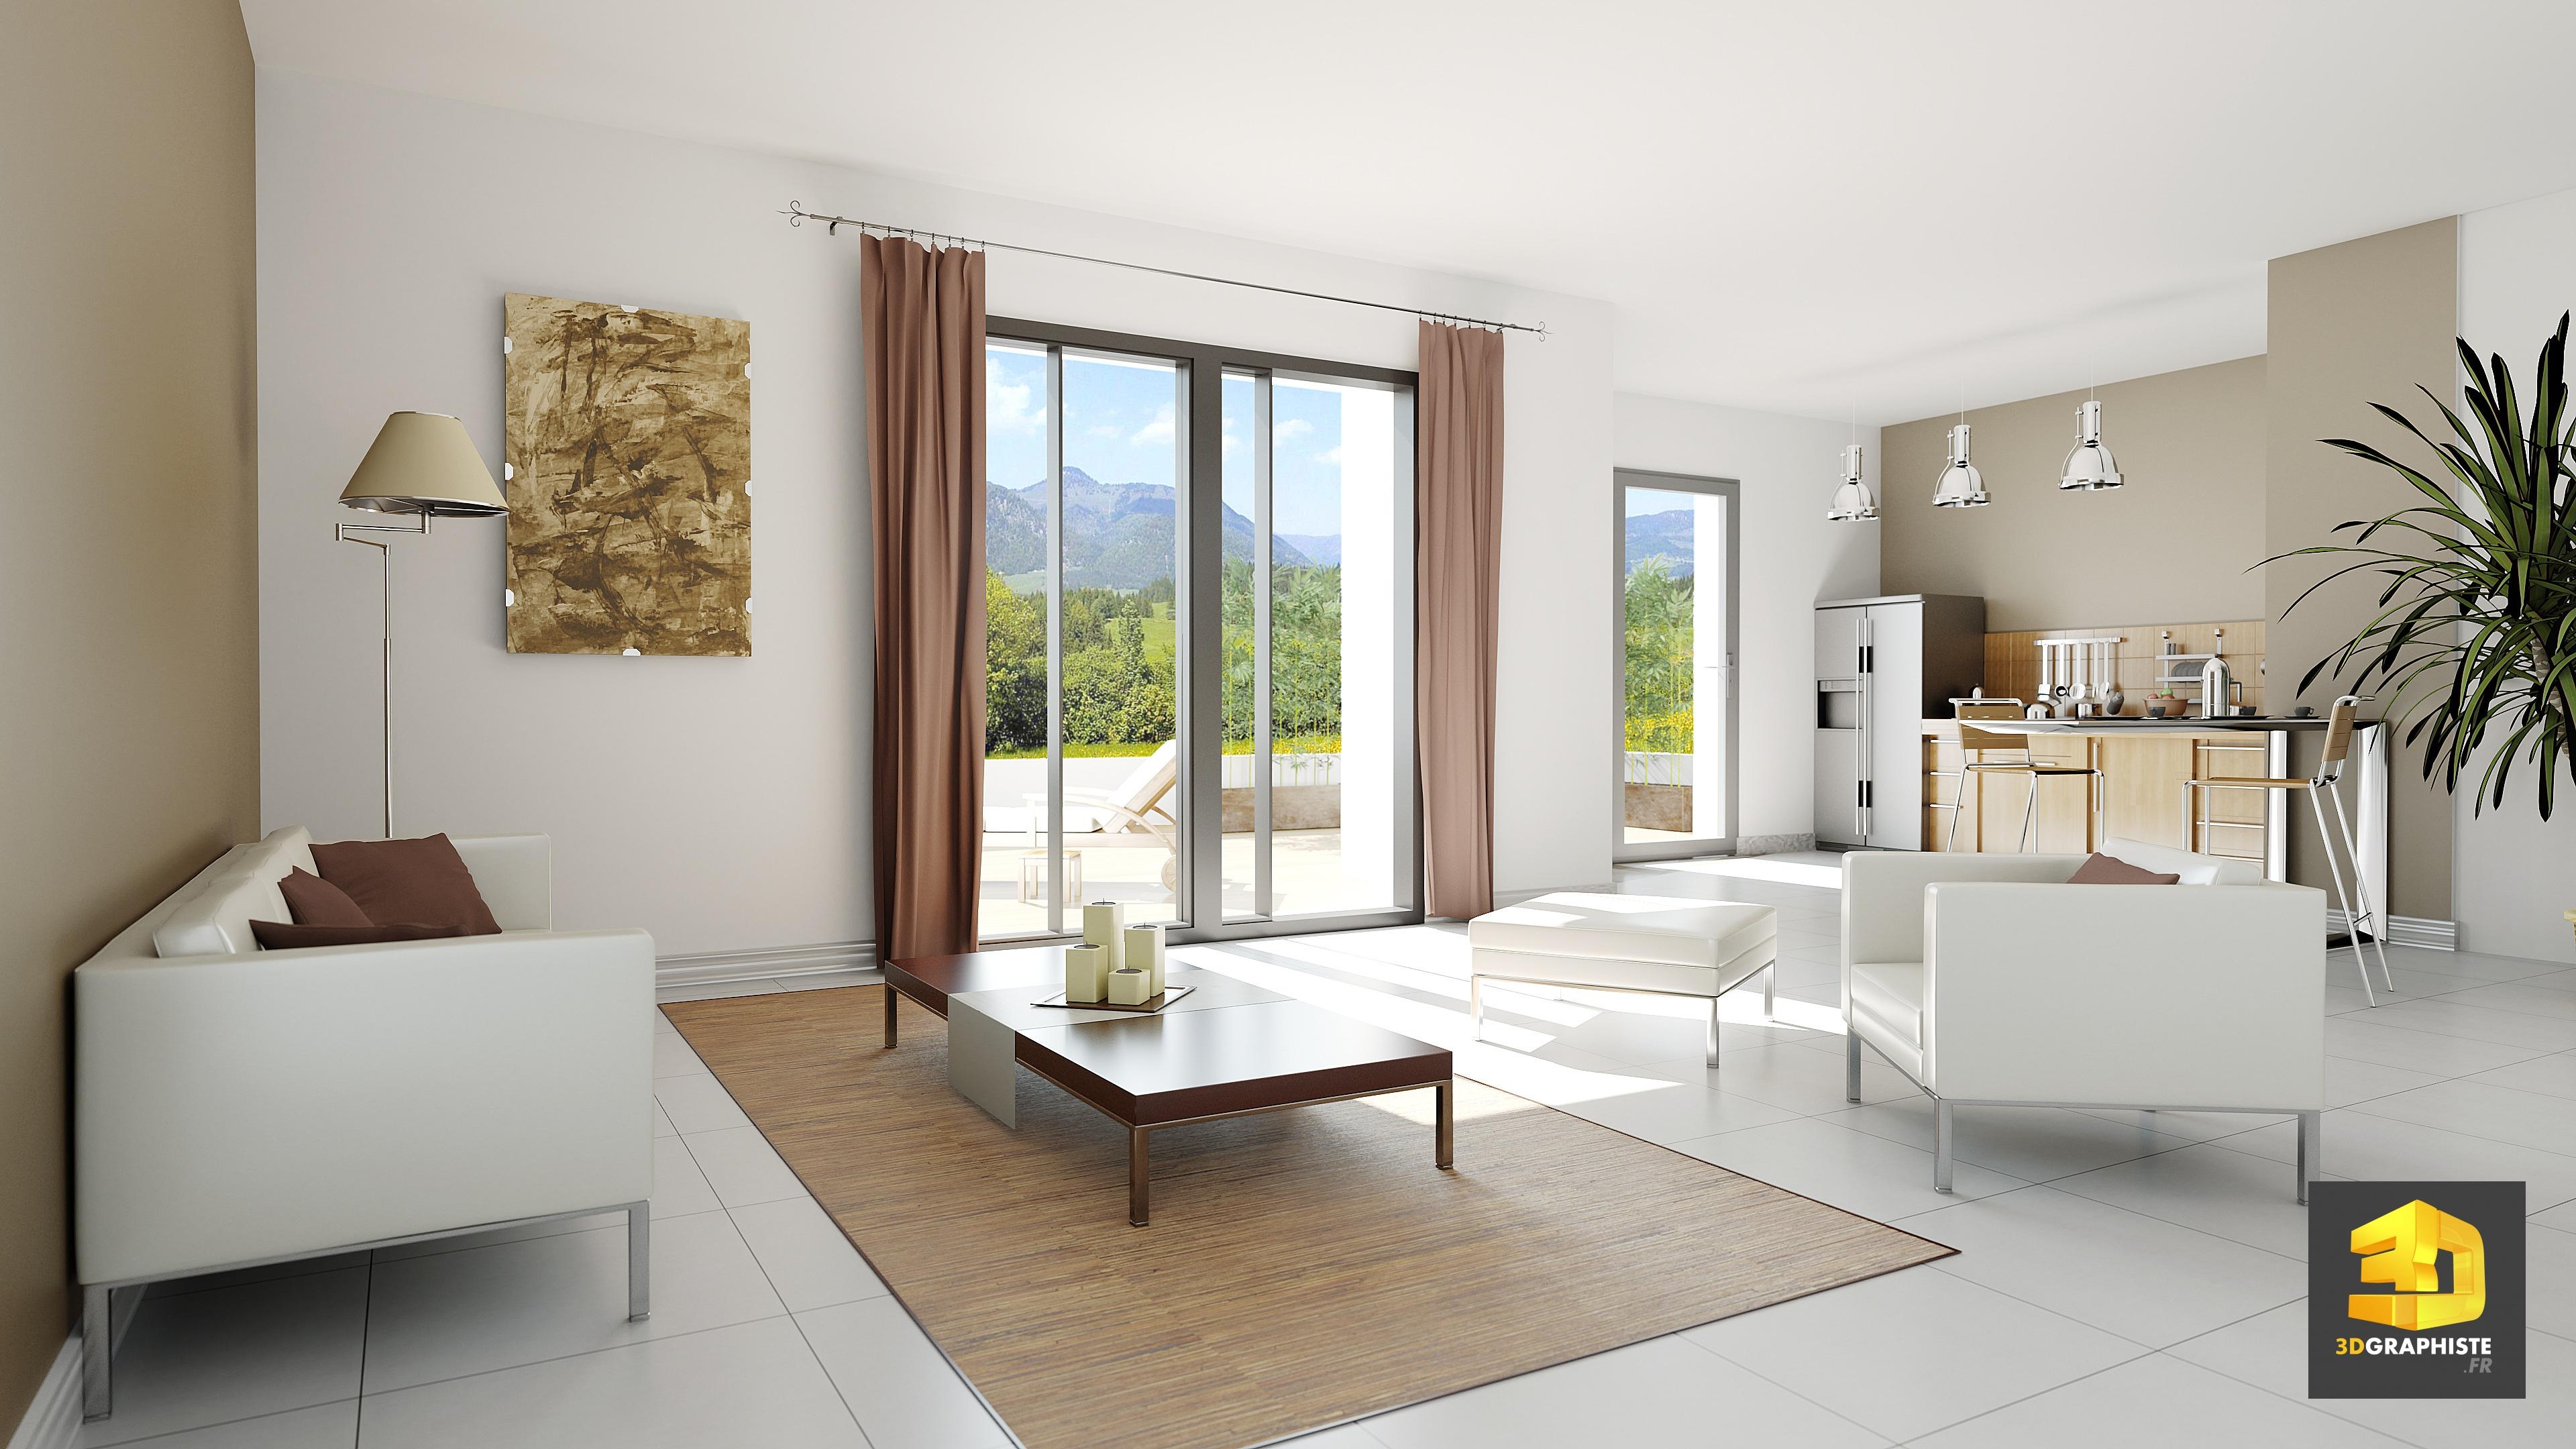 Decoratrice D Interieur Amiens perspective intérieure - le design d'interieur en 3d